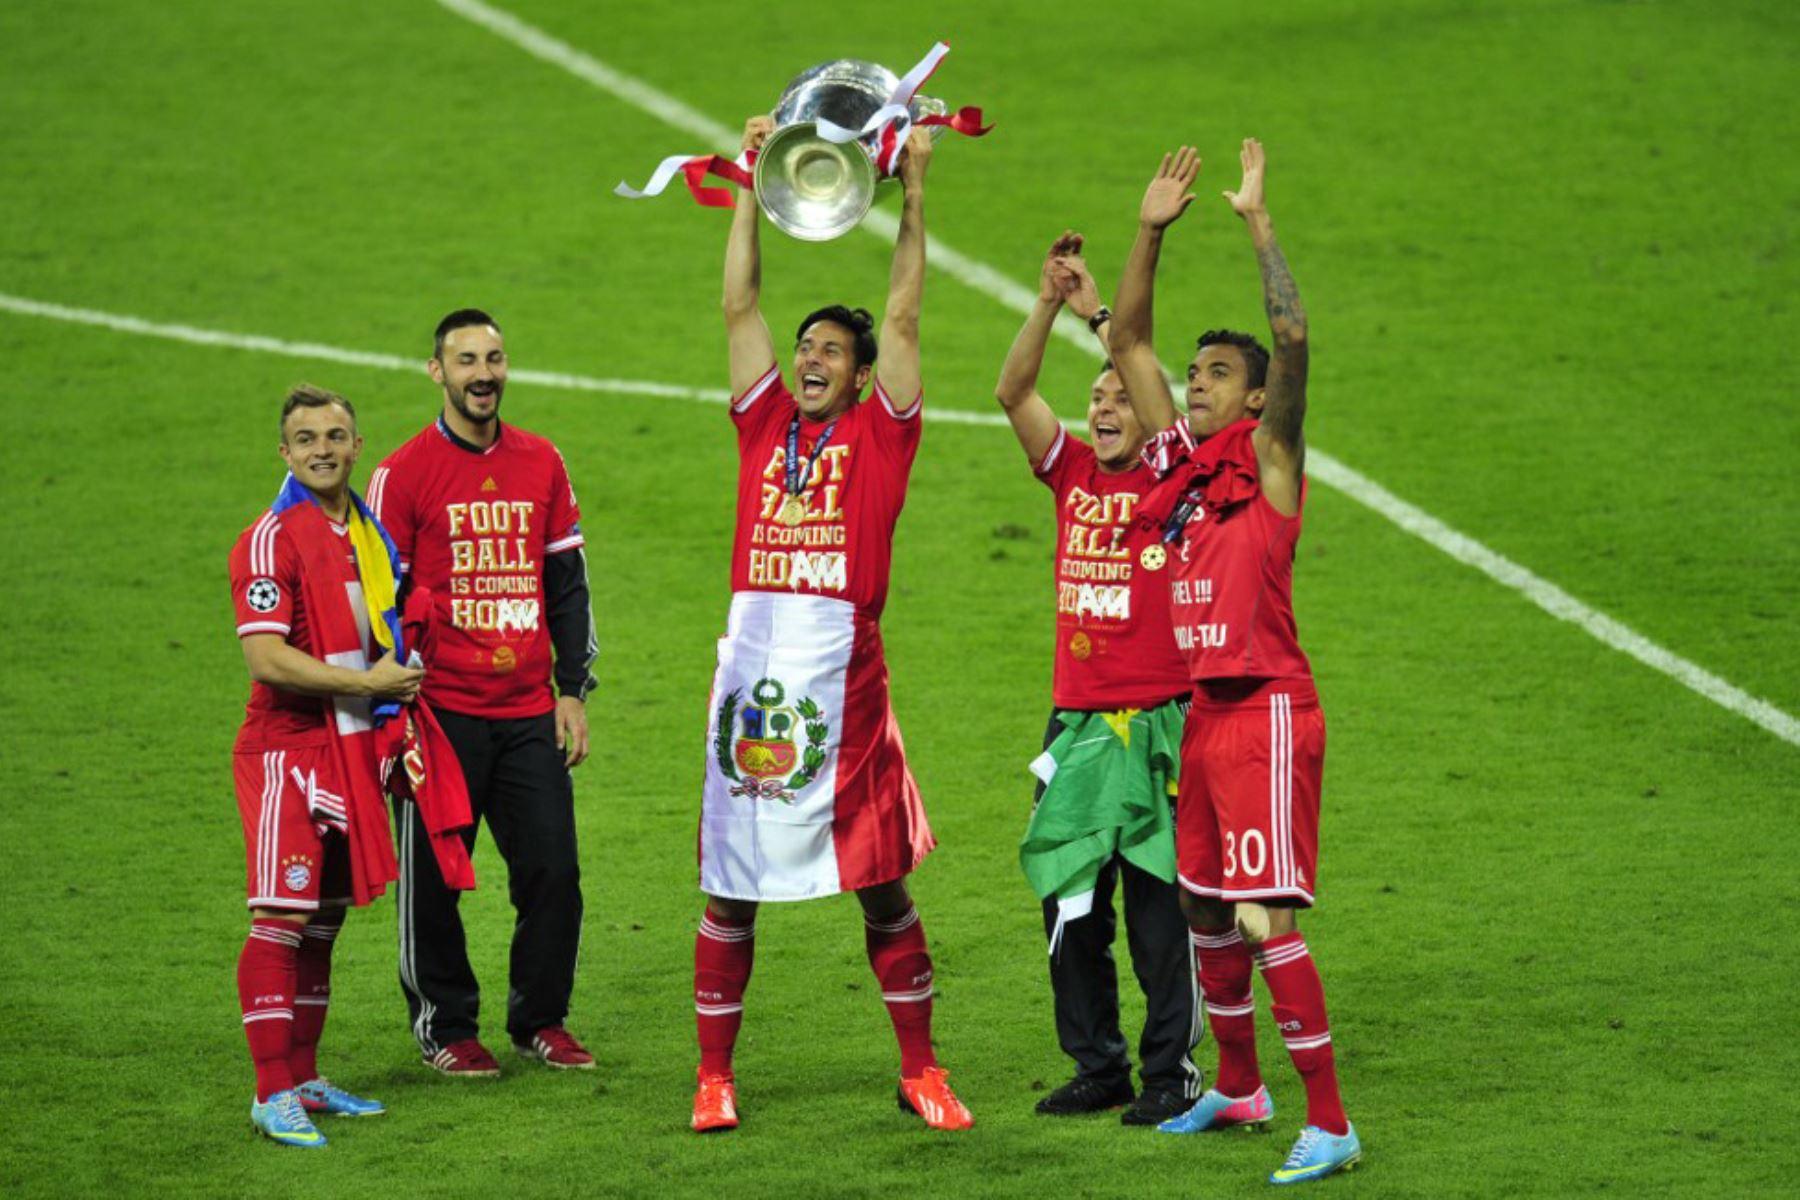 El delantero peruano del Bayern Munich Claudio Pizarro  celebra con el trofeo en el campo con sus compañeros de equipo después de su victoria en el partido de fútbol final de la UEFA Champions League entre el Borussia Dortmund y el Bayern Munich en el estadio de Wembley en Londres. Foto: AFP